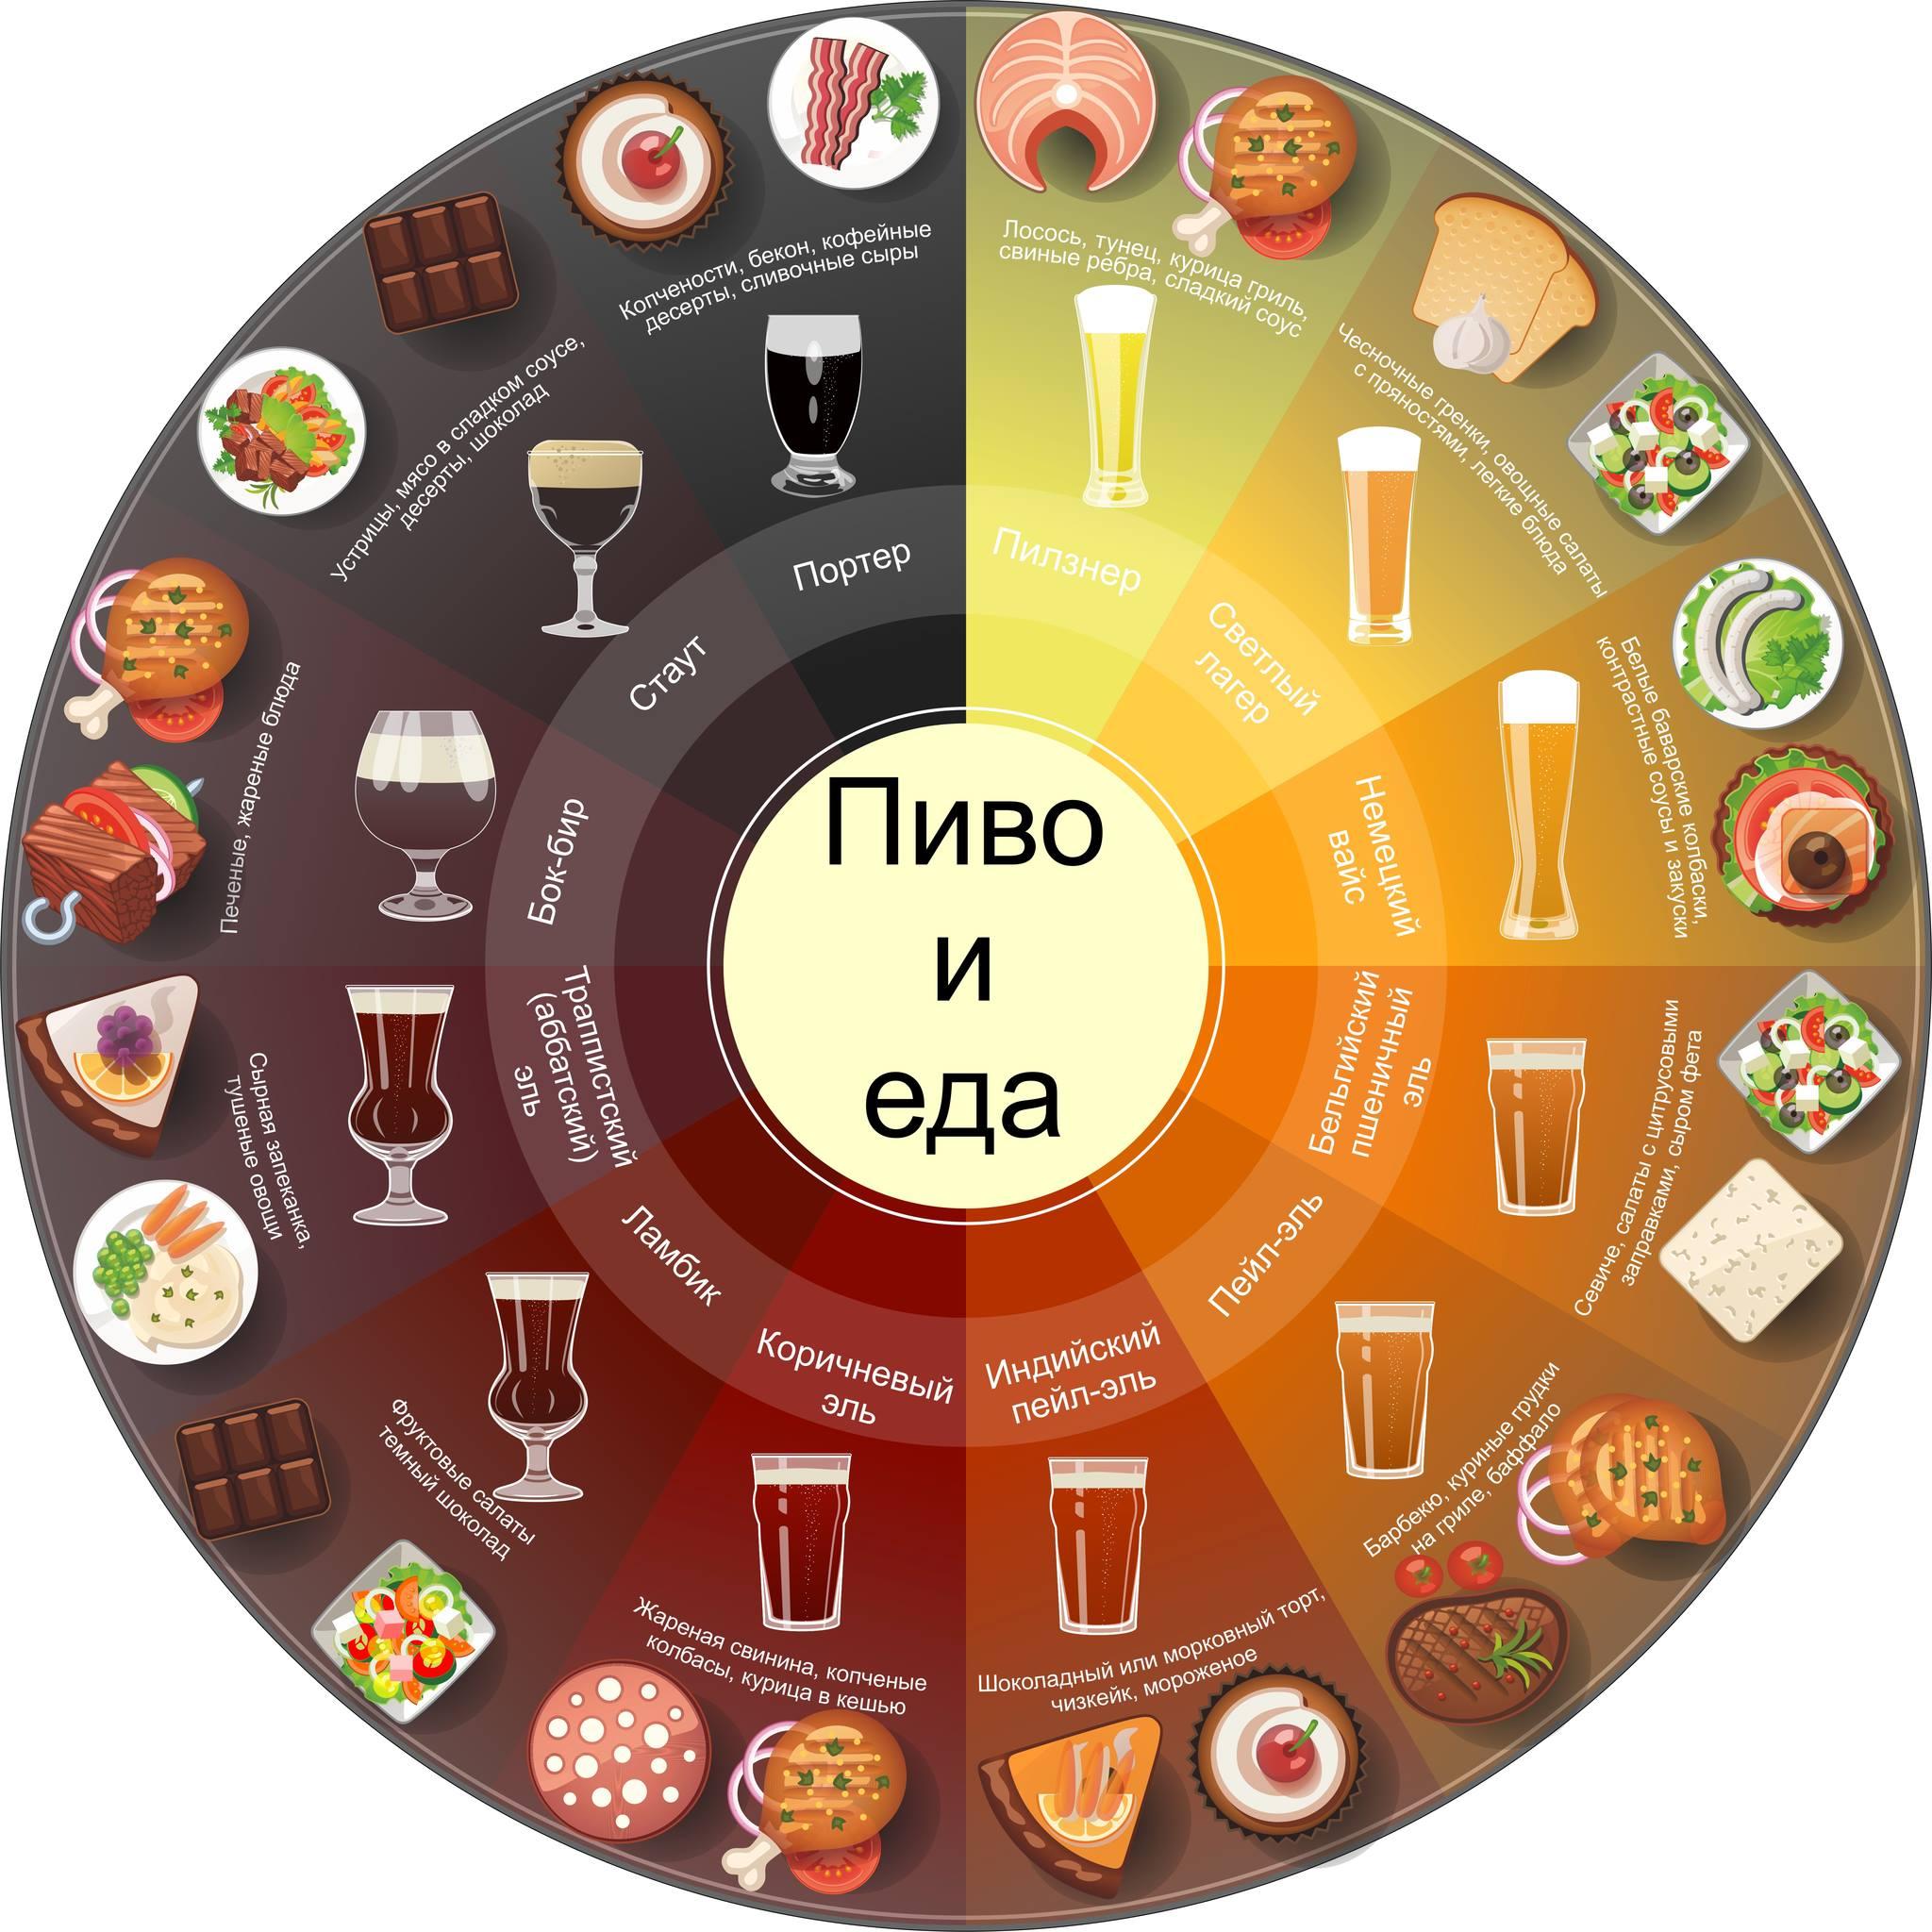 4-пиво-еда-сочетание